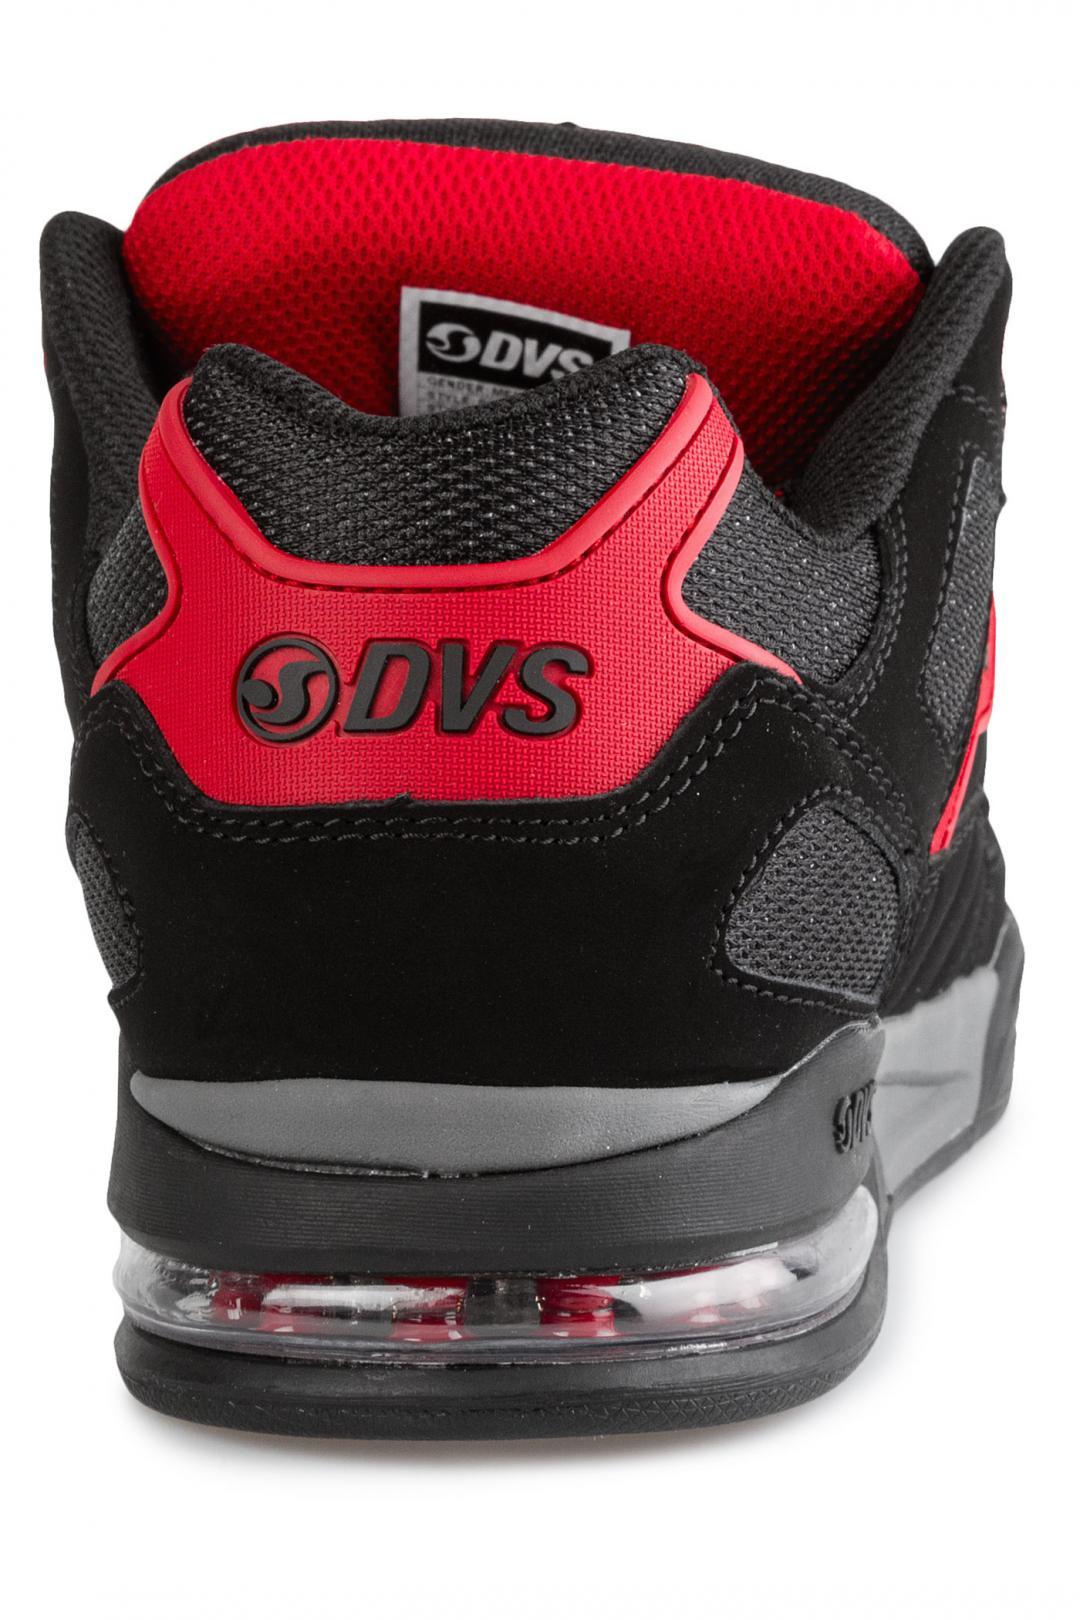 Uomo DVS Drone+ Nubuck black red | Scarpe da skate